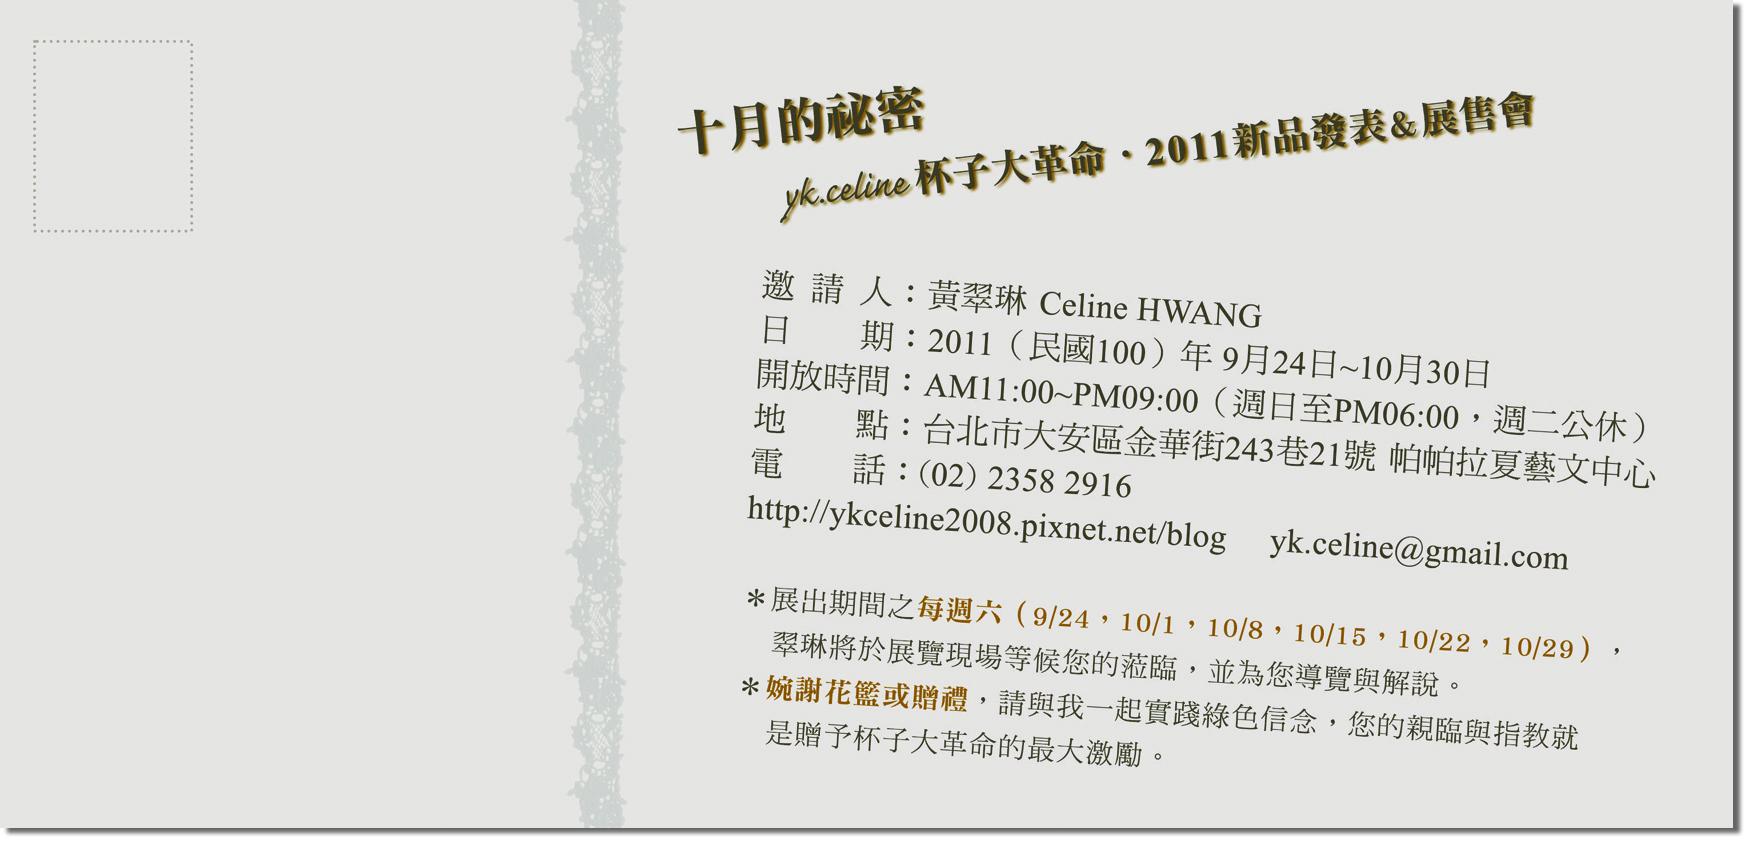 十月的祕密邀請函背面網路版.jpg